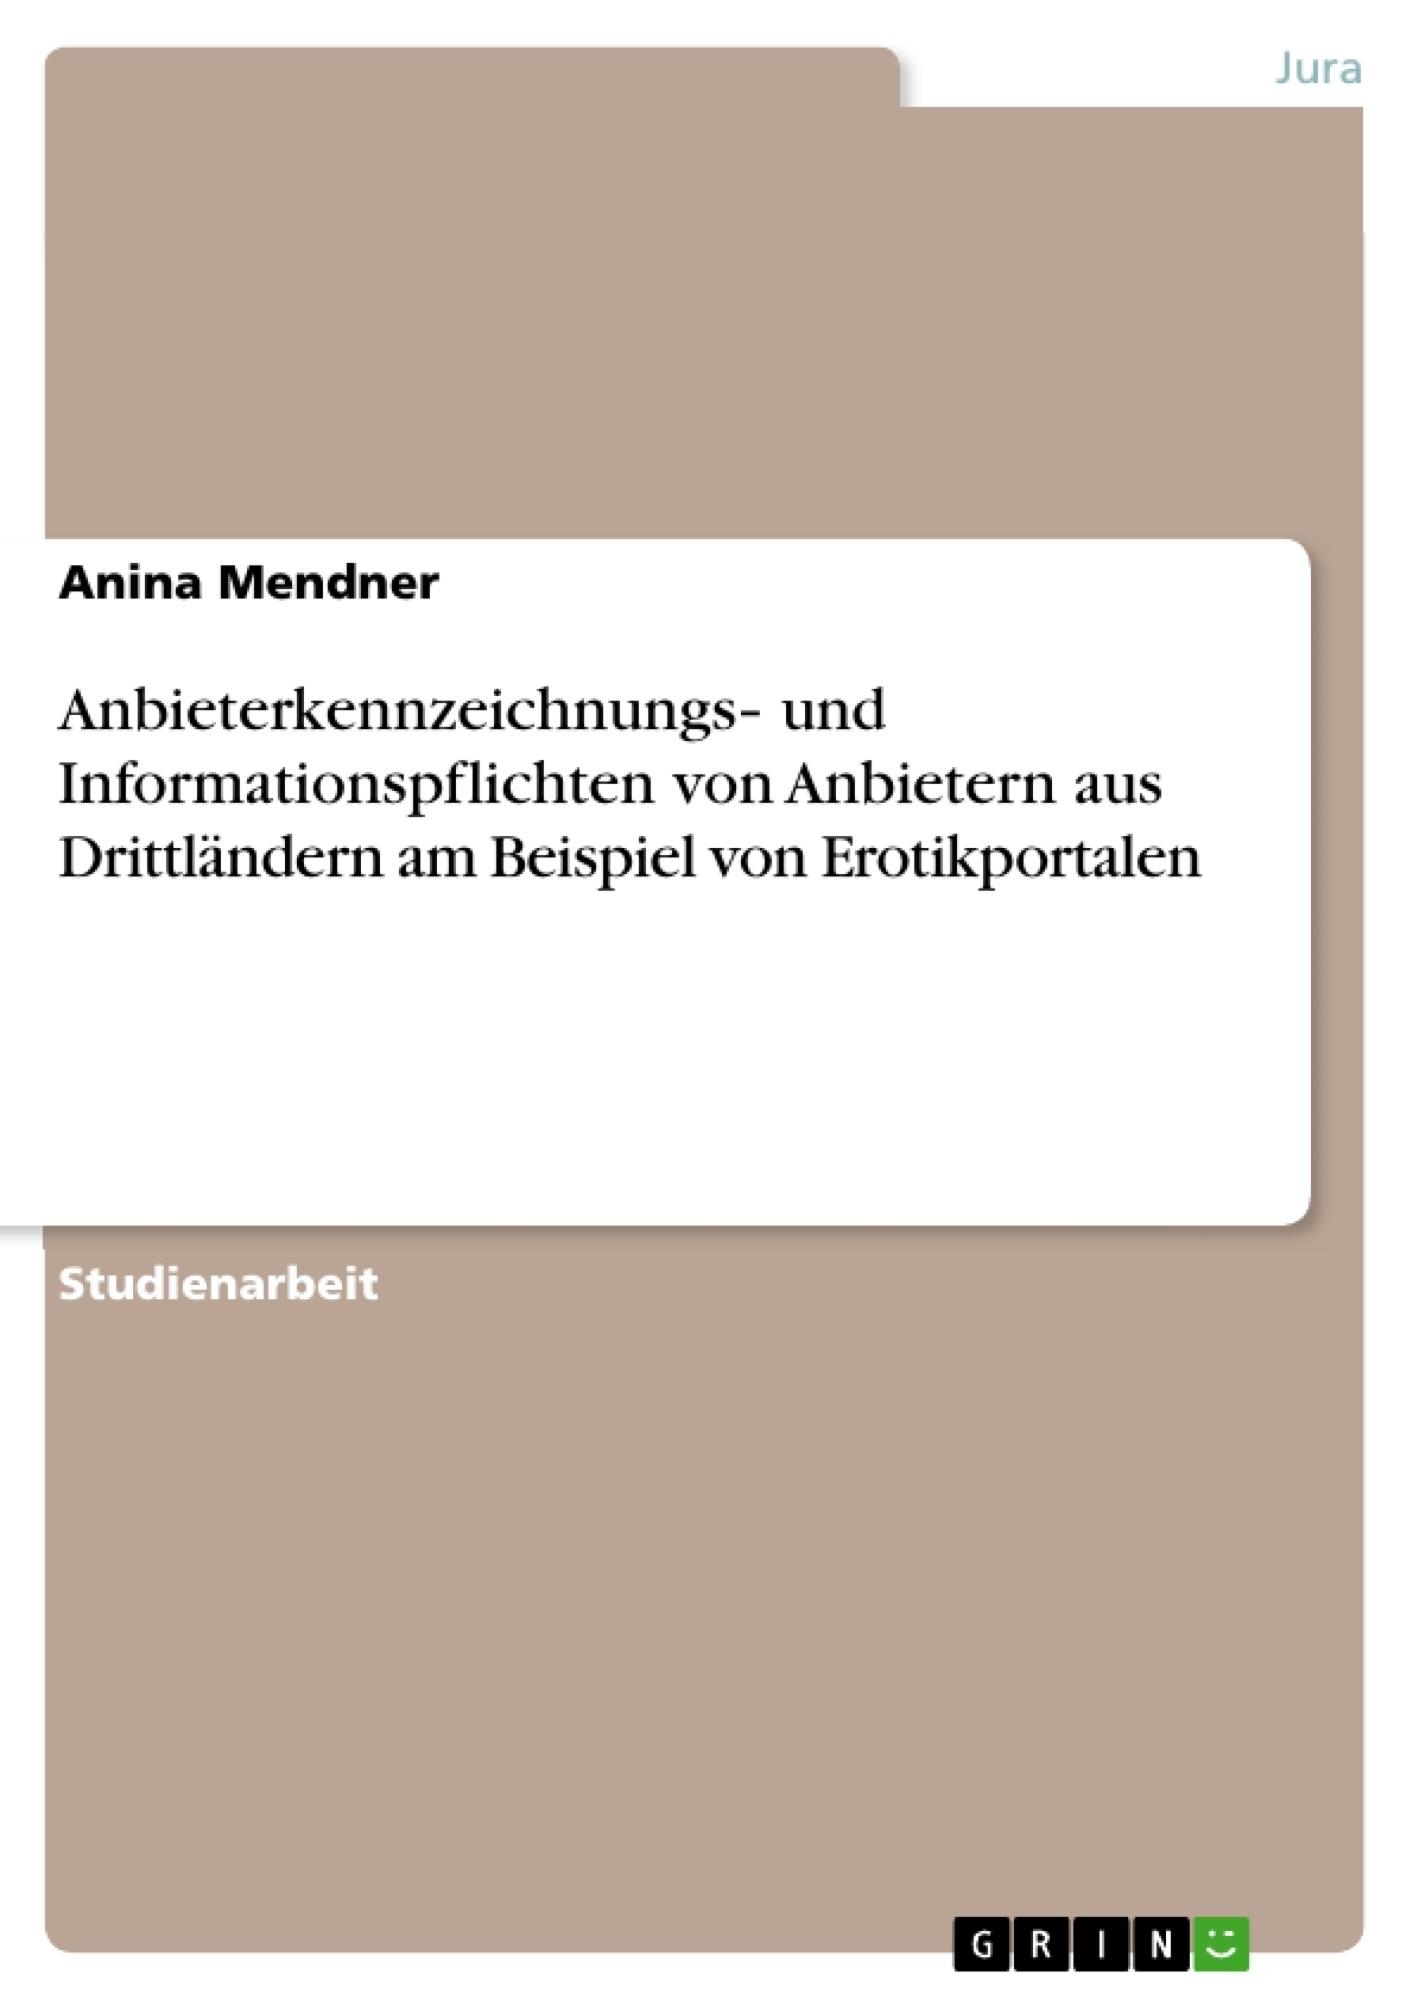 Titel: Anbieterkennzeichnungs‐ und Informationspflichten von Anbietern aus Drittländern am Beispiel von Erotikportalen